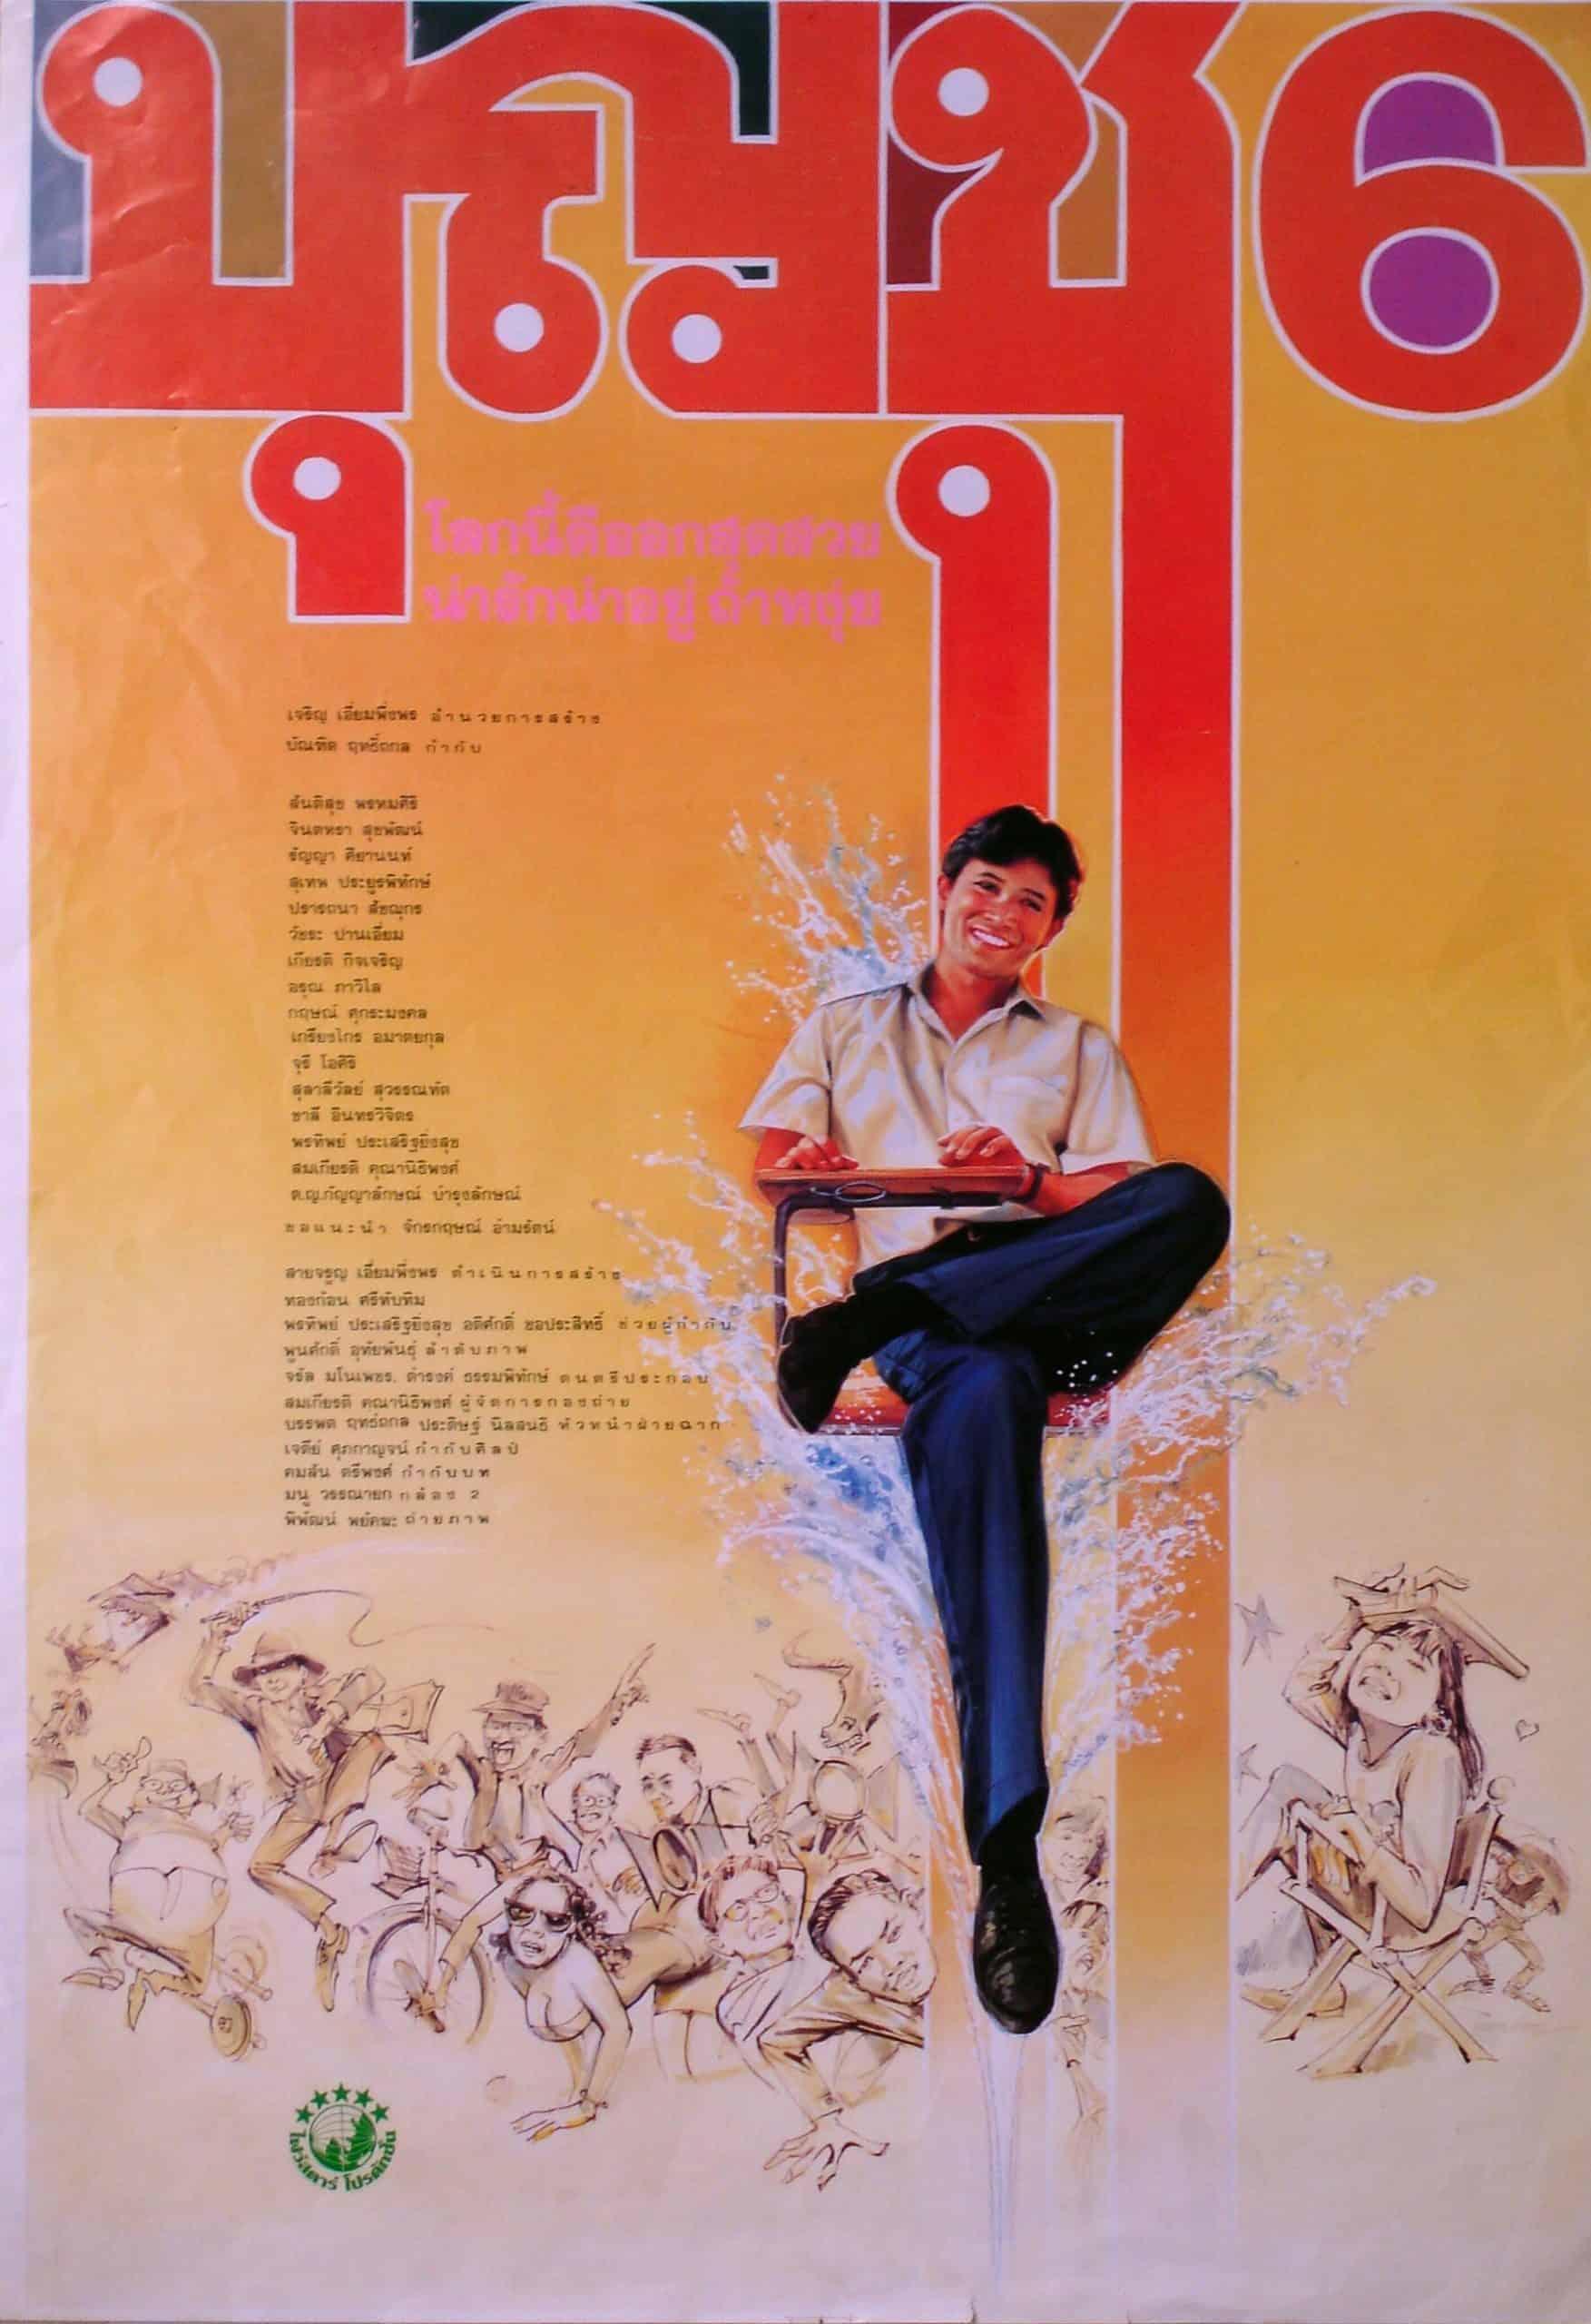 Boonchu 6 (1991) บุญชู 6 โลกนี้ดีออก สุดสวย น่ารักน่าอยู่ ถ้าหงุ่ย